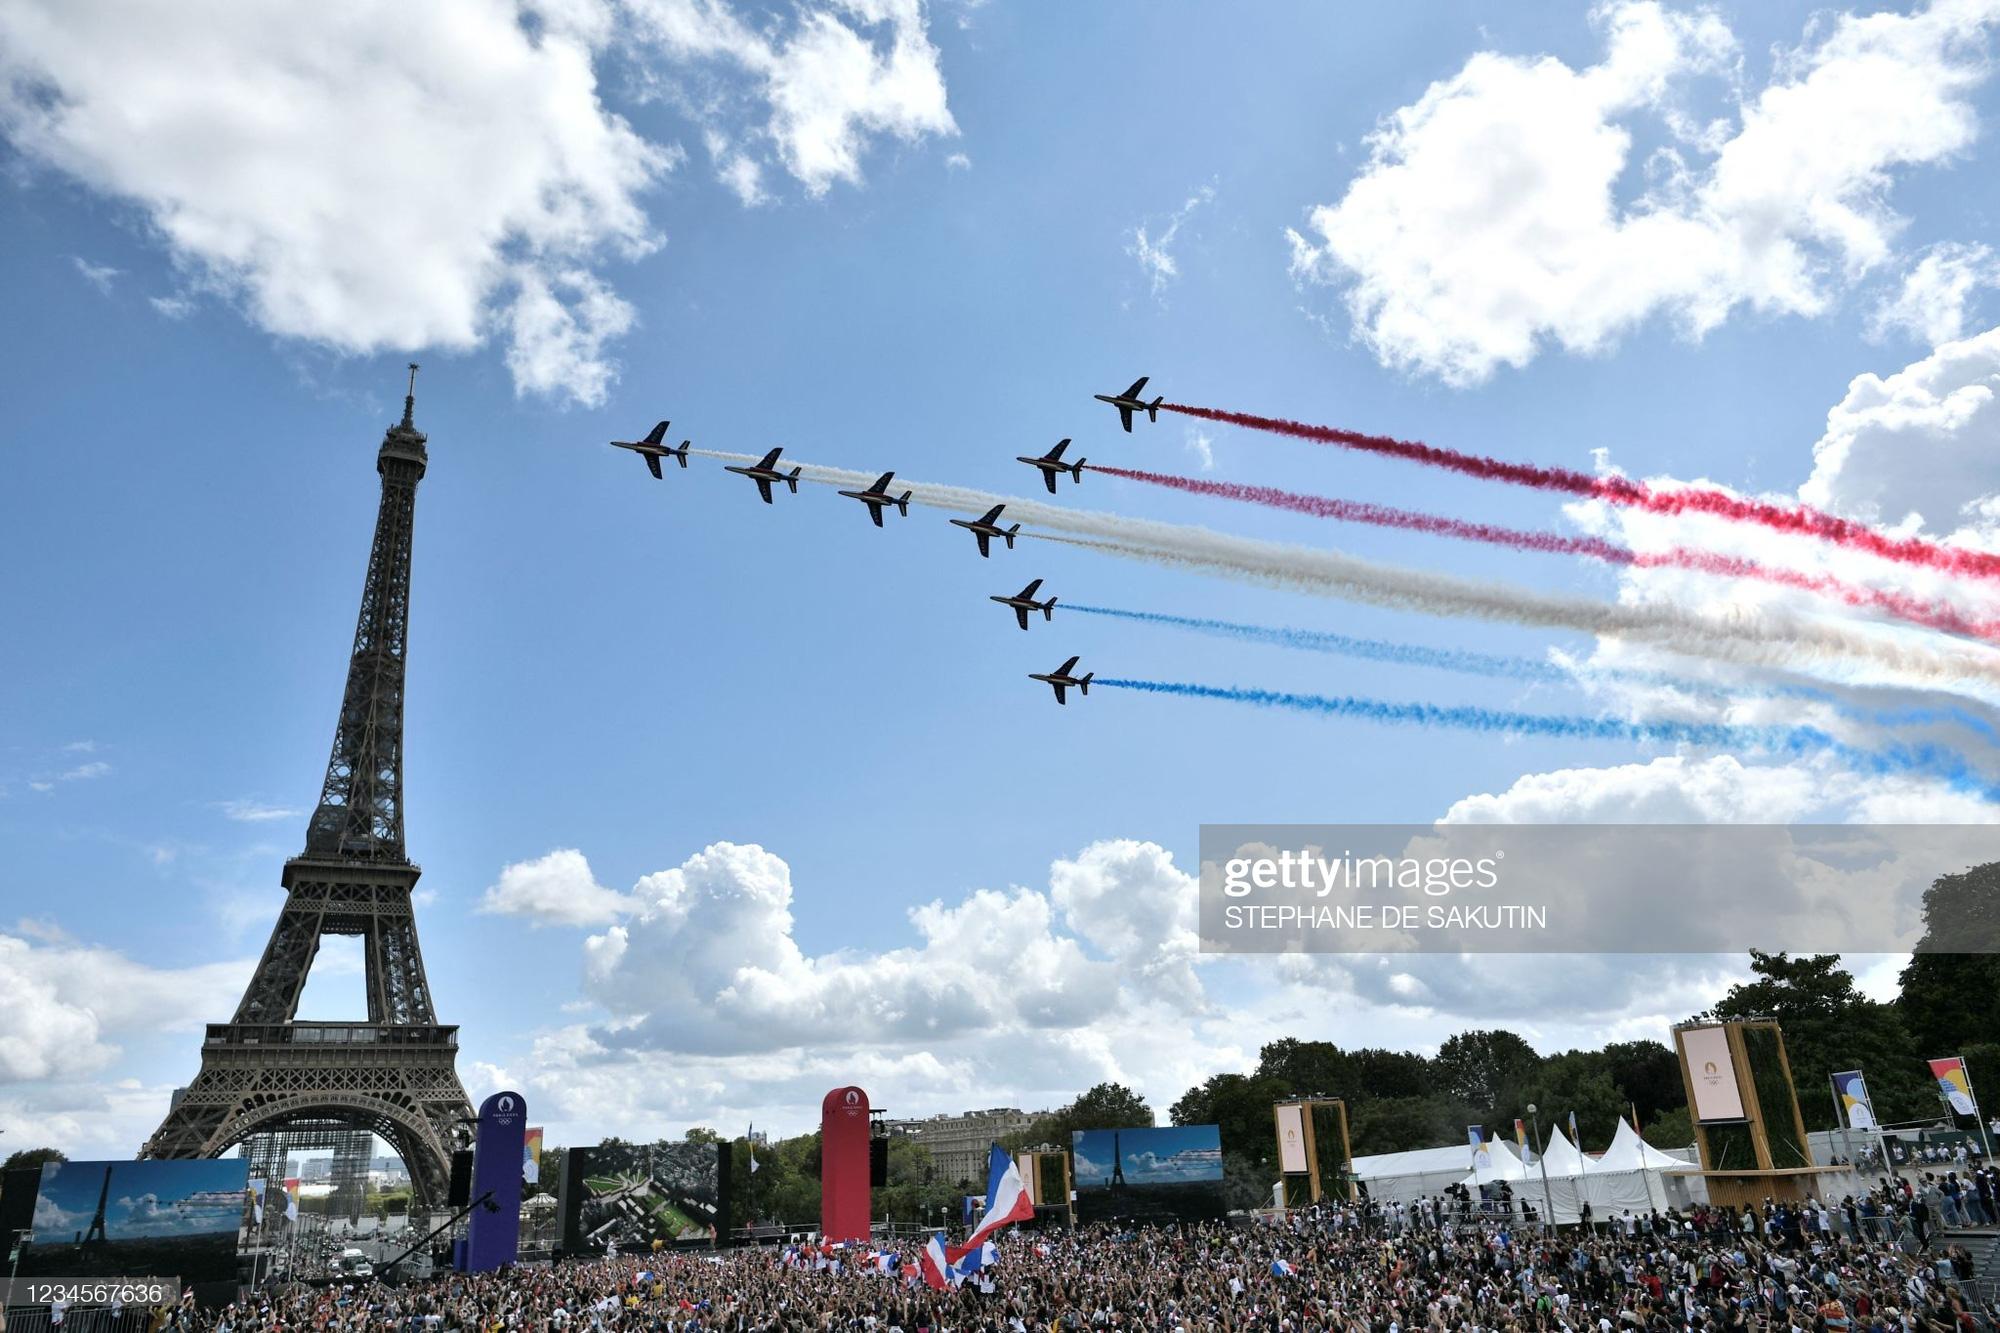 Năm điều thú vị chờ đợi tại Olympic Paris 2024 - Ảnh 2.